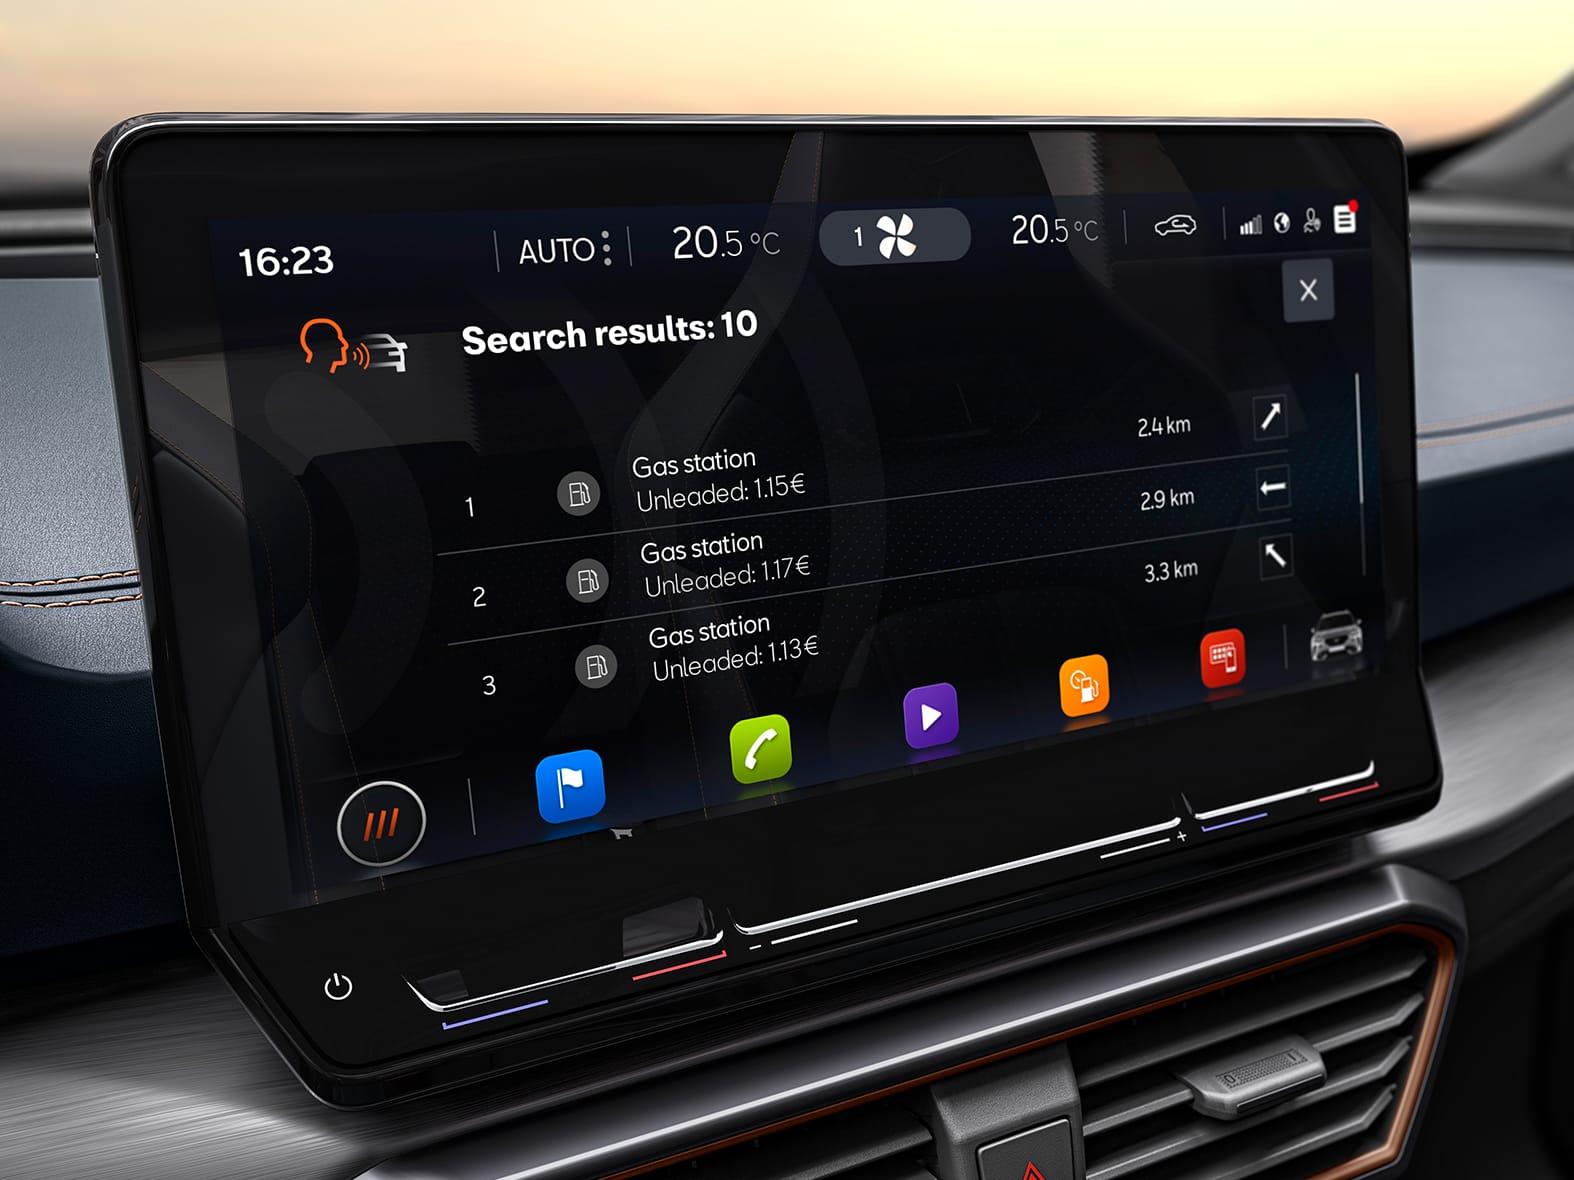 cupra connect, système d'info-divertissement à commande vocale pour trouver les stations-service les plus proches et leurs tarifs